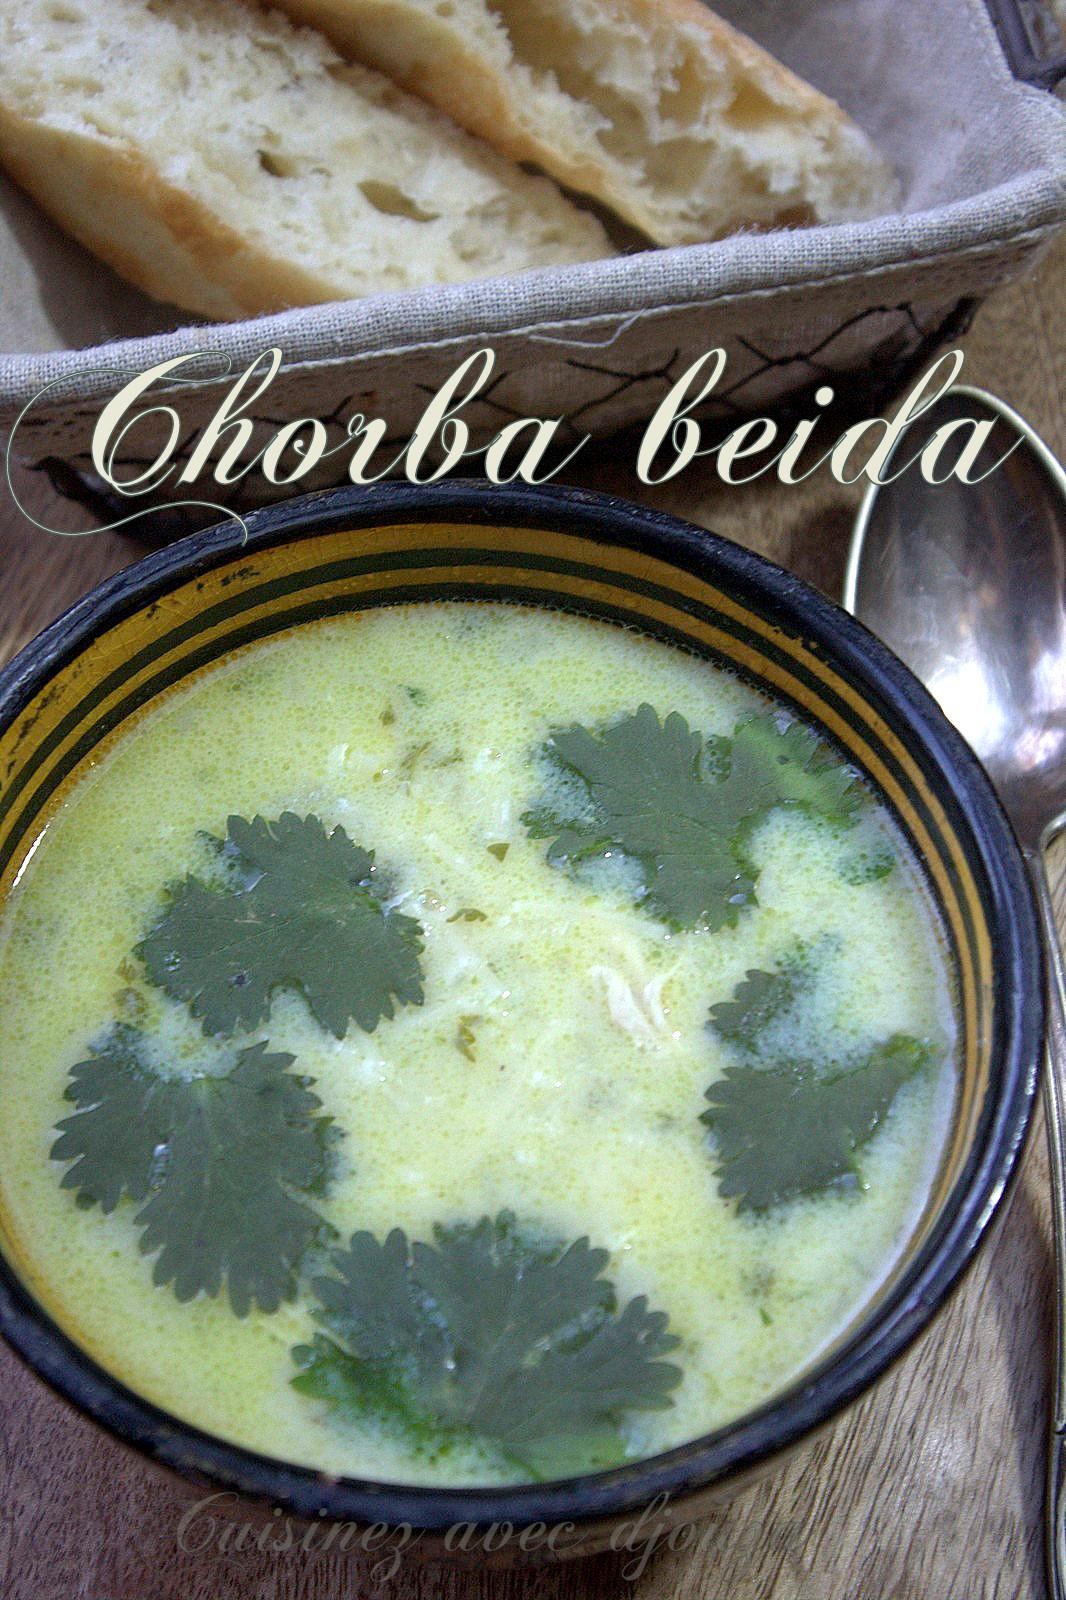 Chorba beida algéroise au poulet